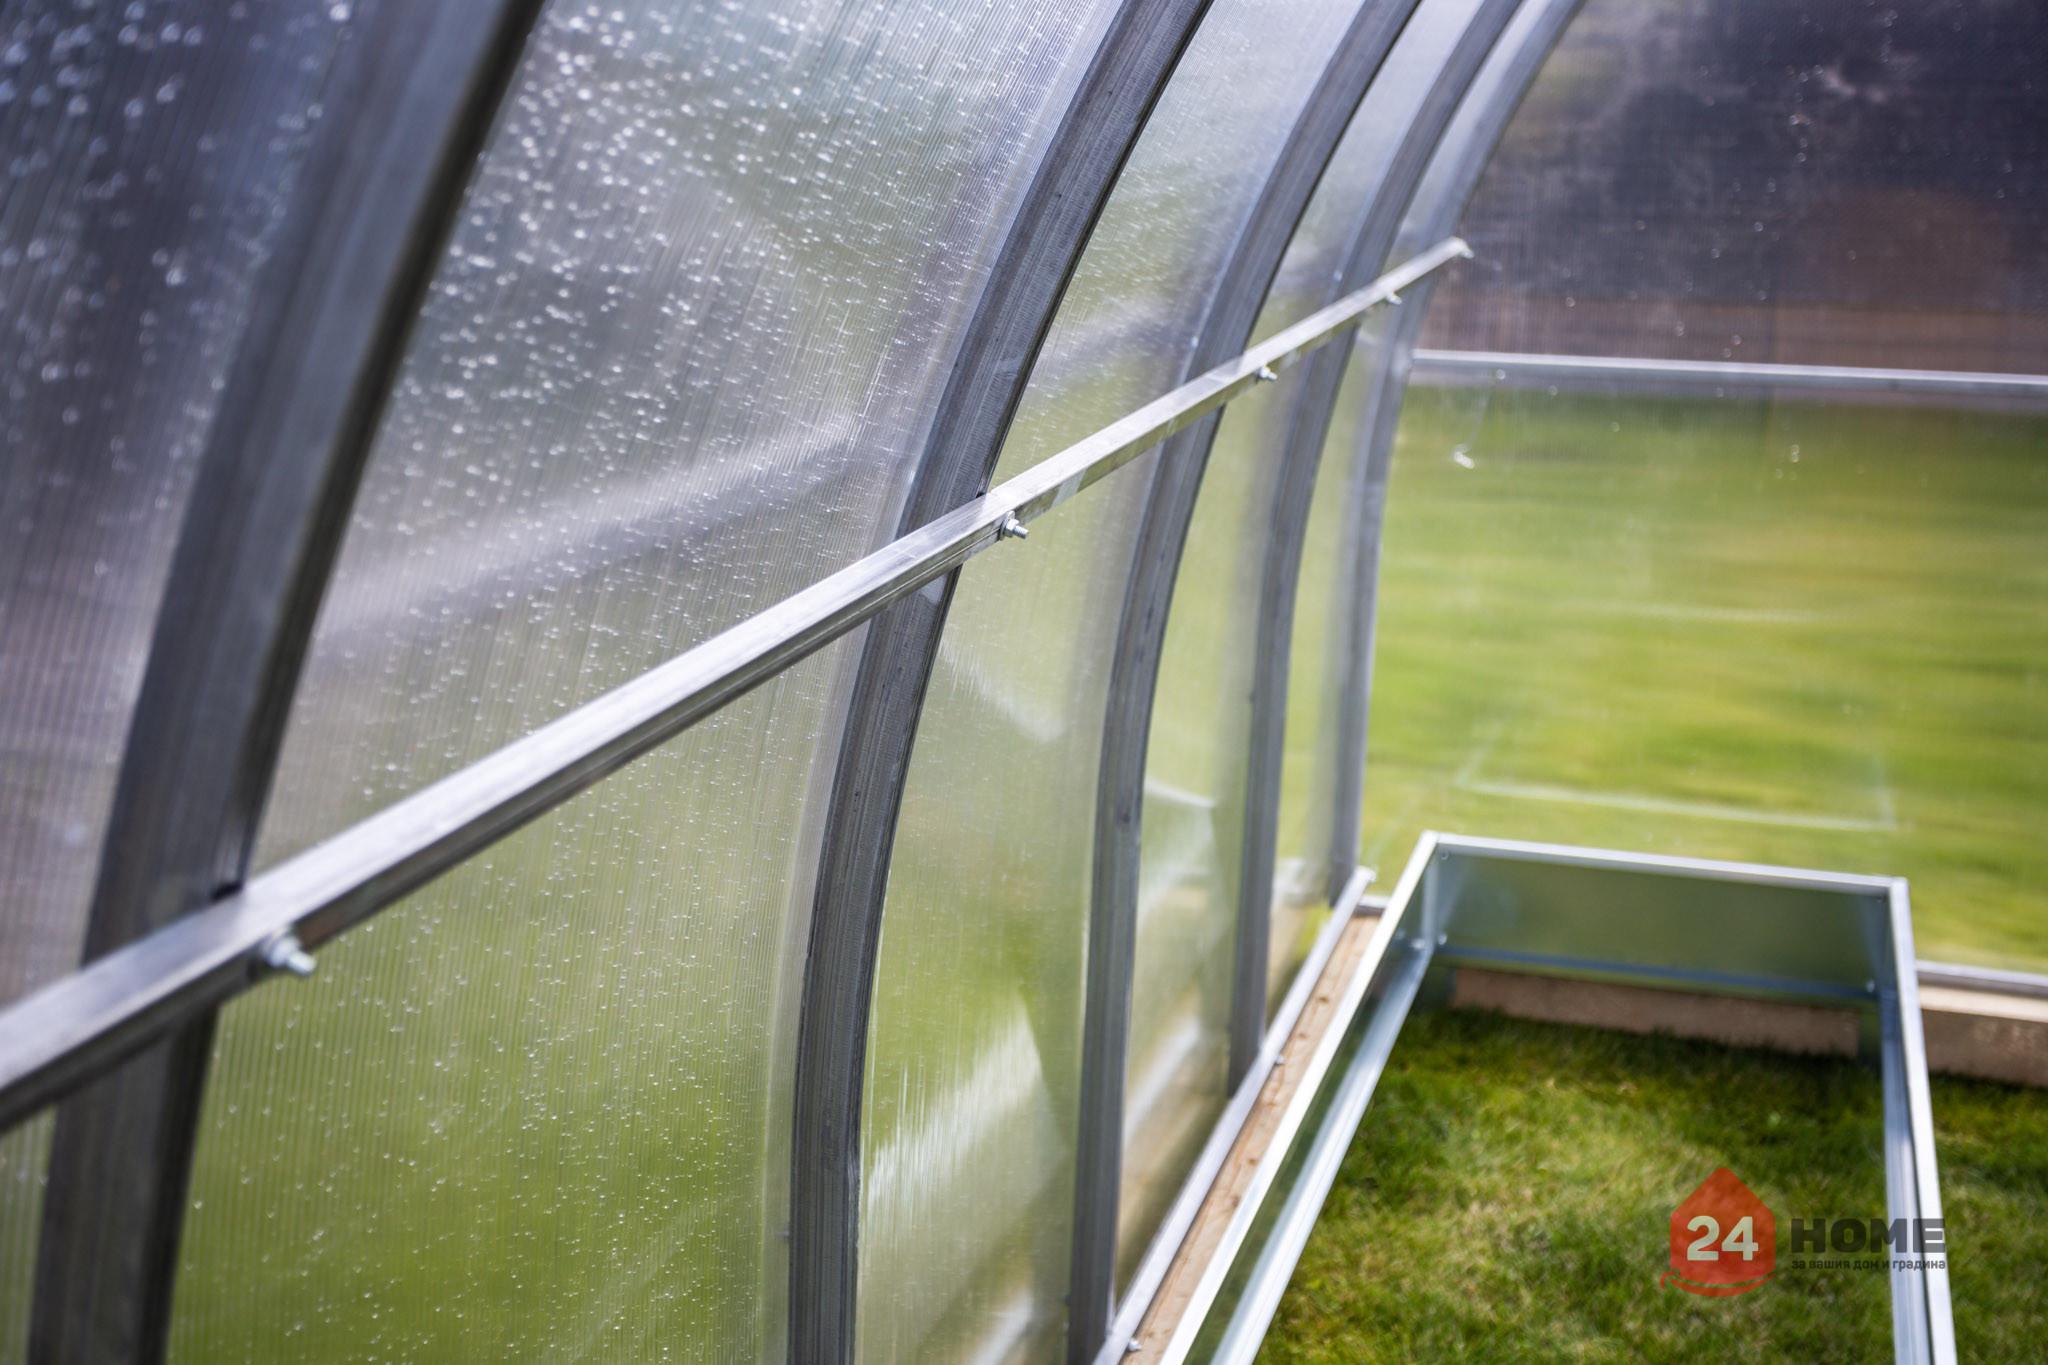 Оранжерия-SUNNY-Strong-покритие-от-поликарбонат-стоманена-конструкция-3x4-м-напречна-греда-острани